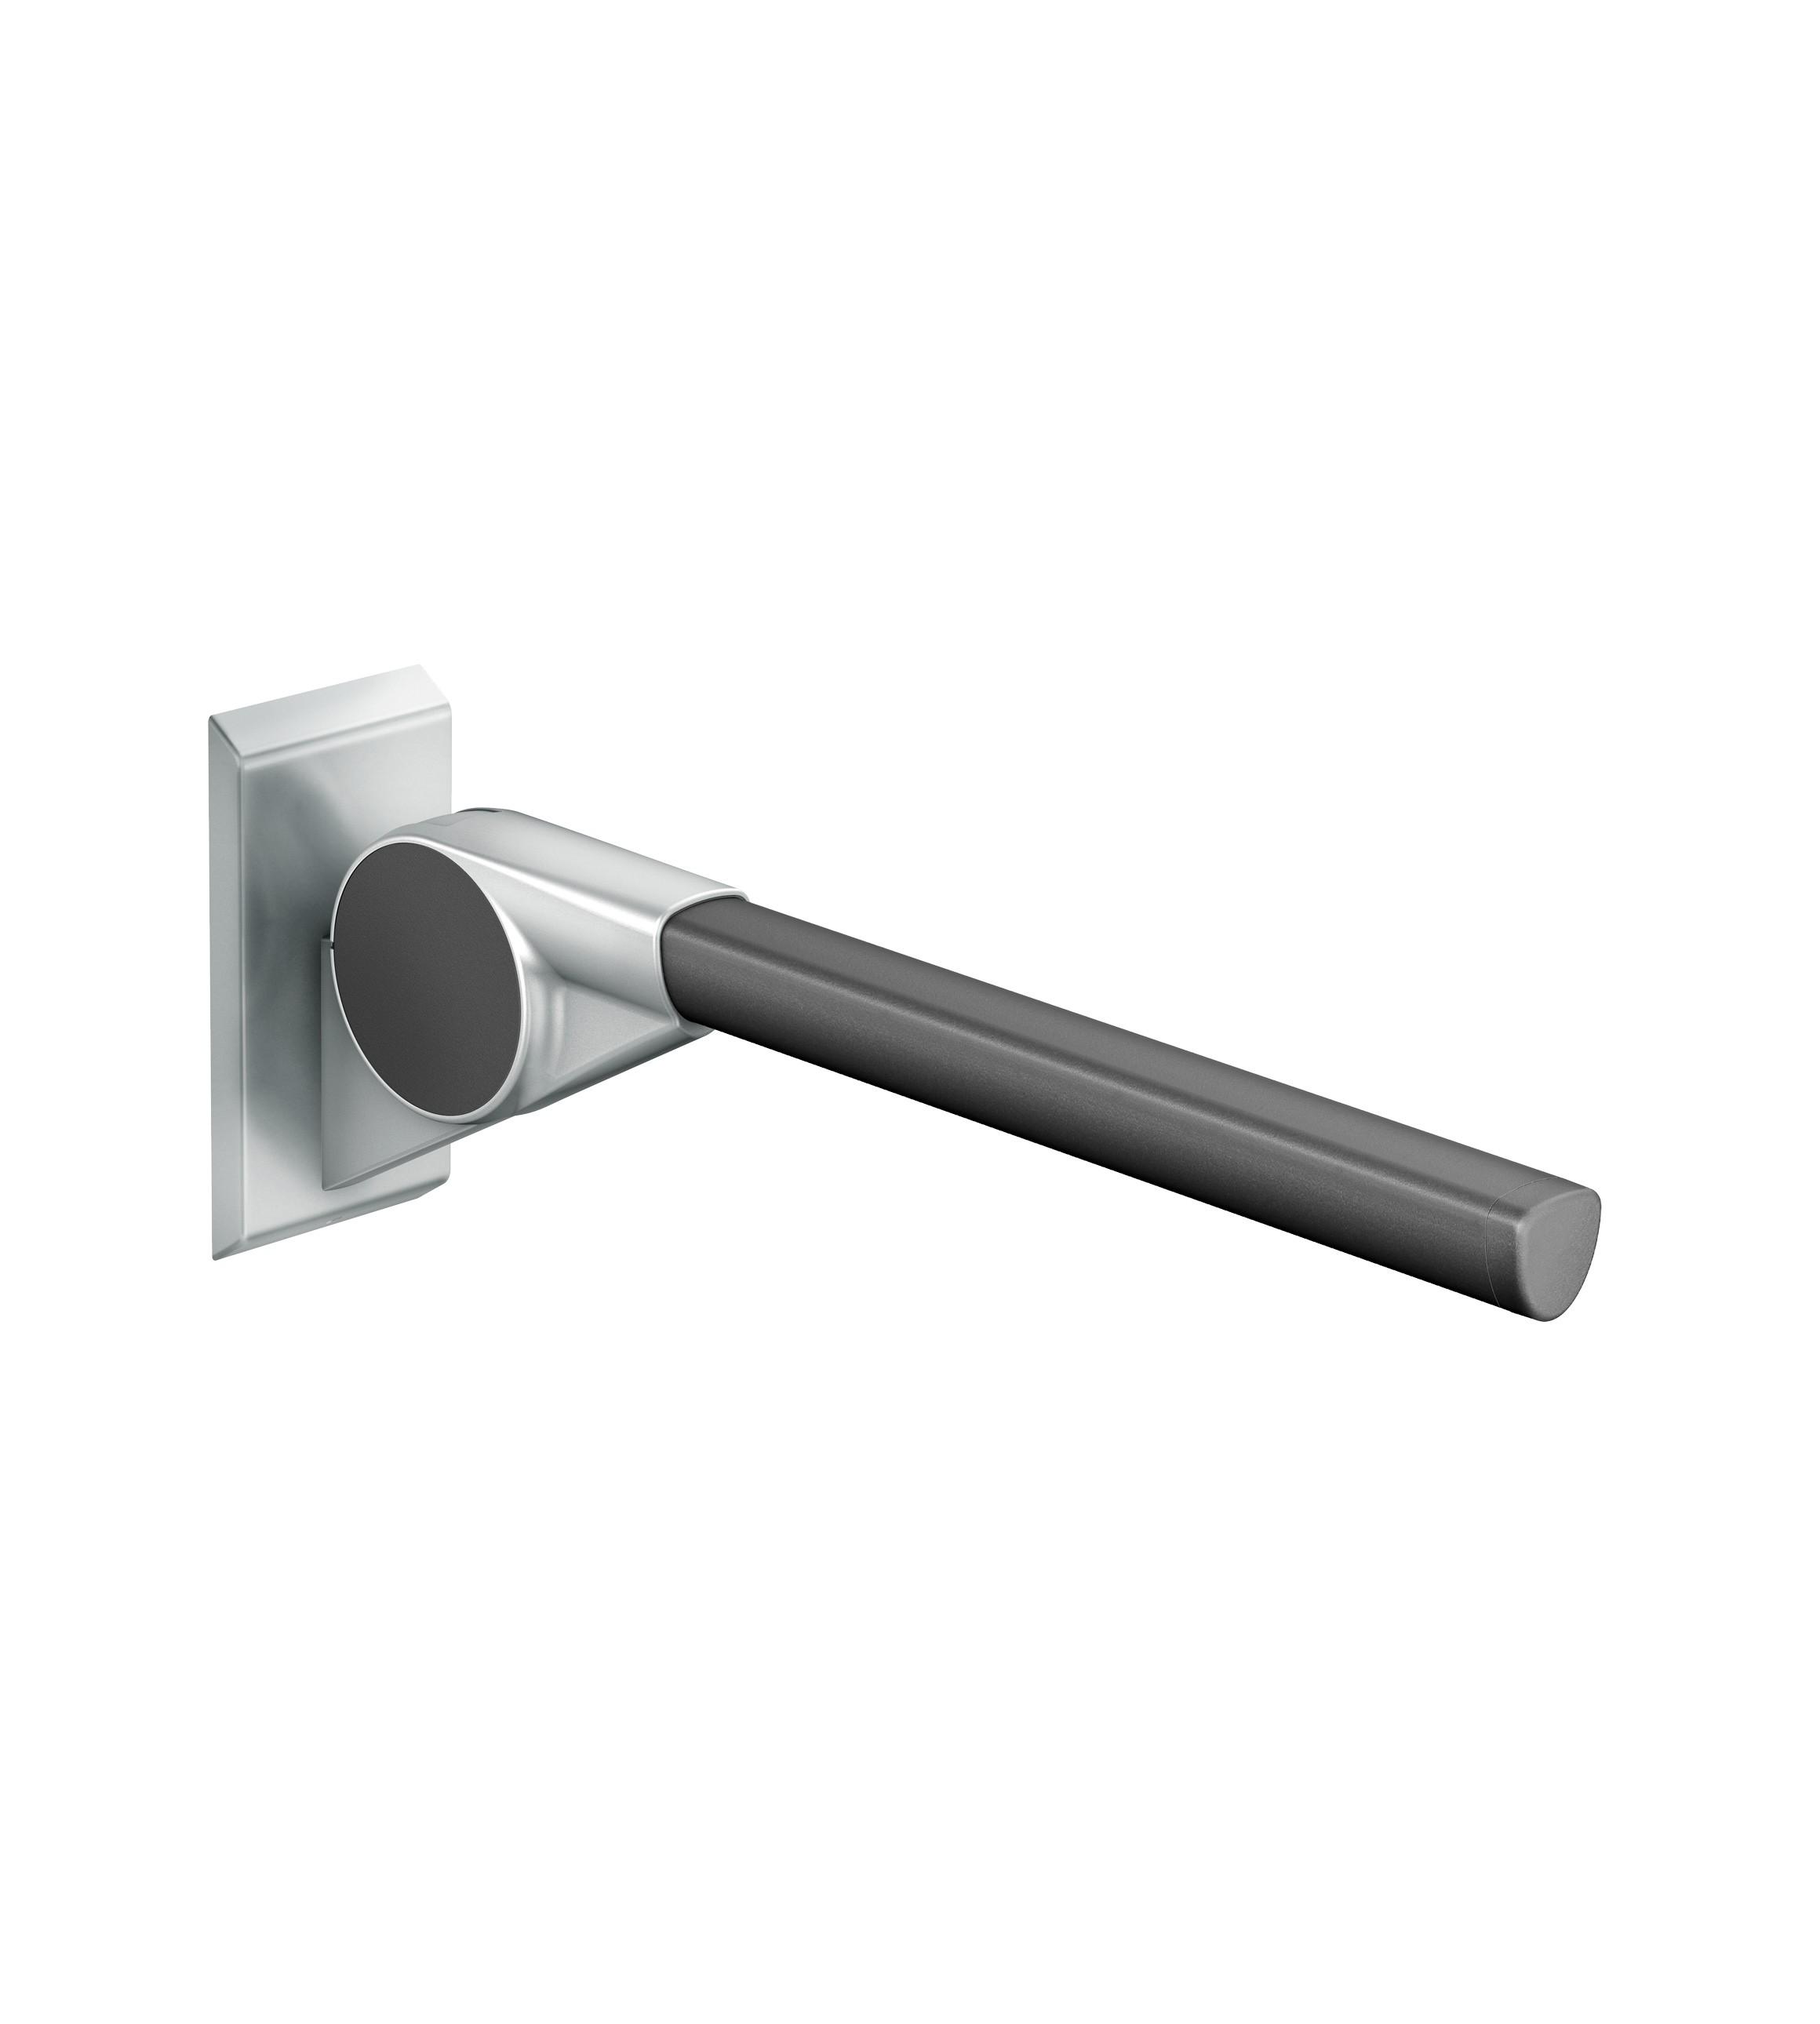 FSB Stützklappgriff 900 mm Ergo A100 Stützen Aluminiumgrau metallinksc Stange Anemonenweiß (0 82 8420 00090 8223)